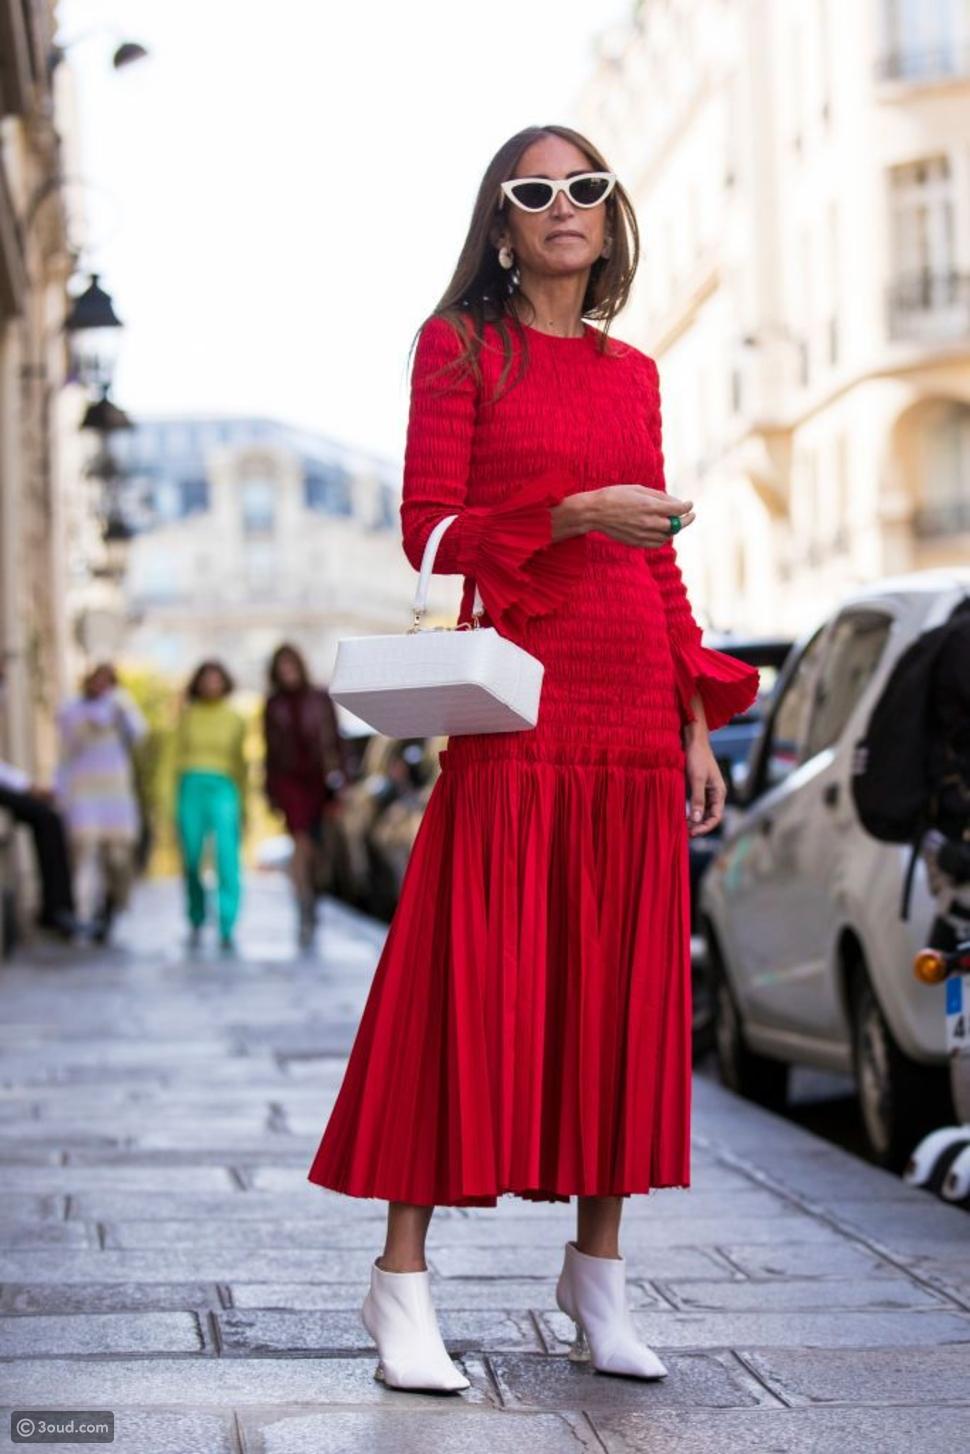 فستان مع حذاء الكاحل الأبيض